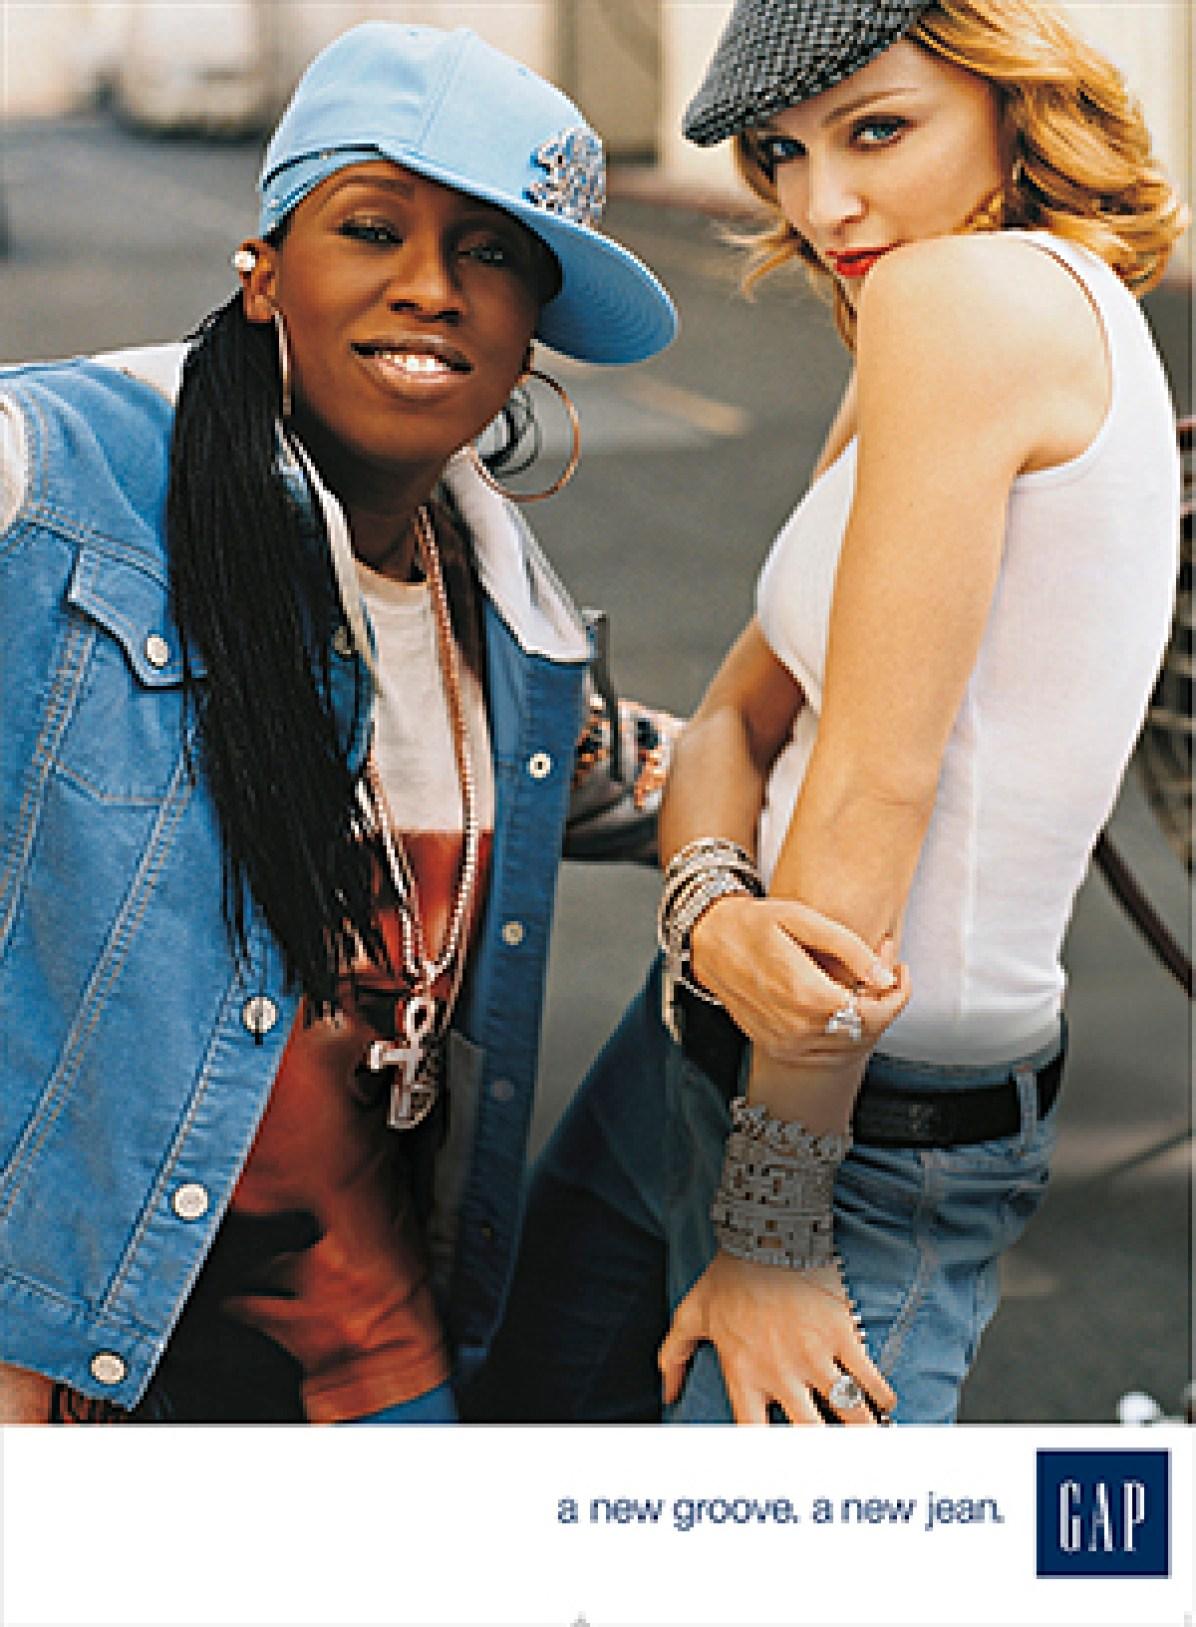 Gap, Fall 2003